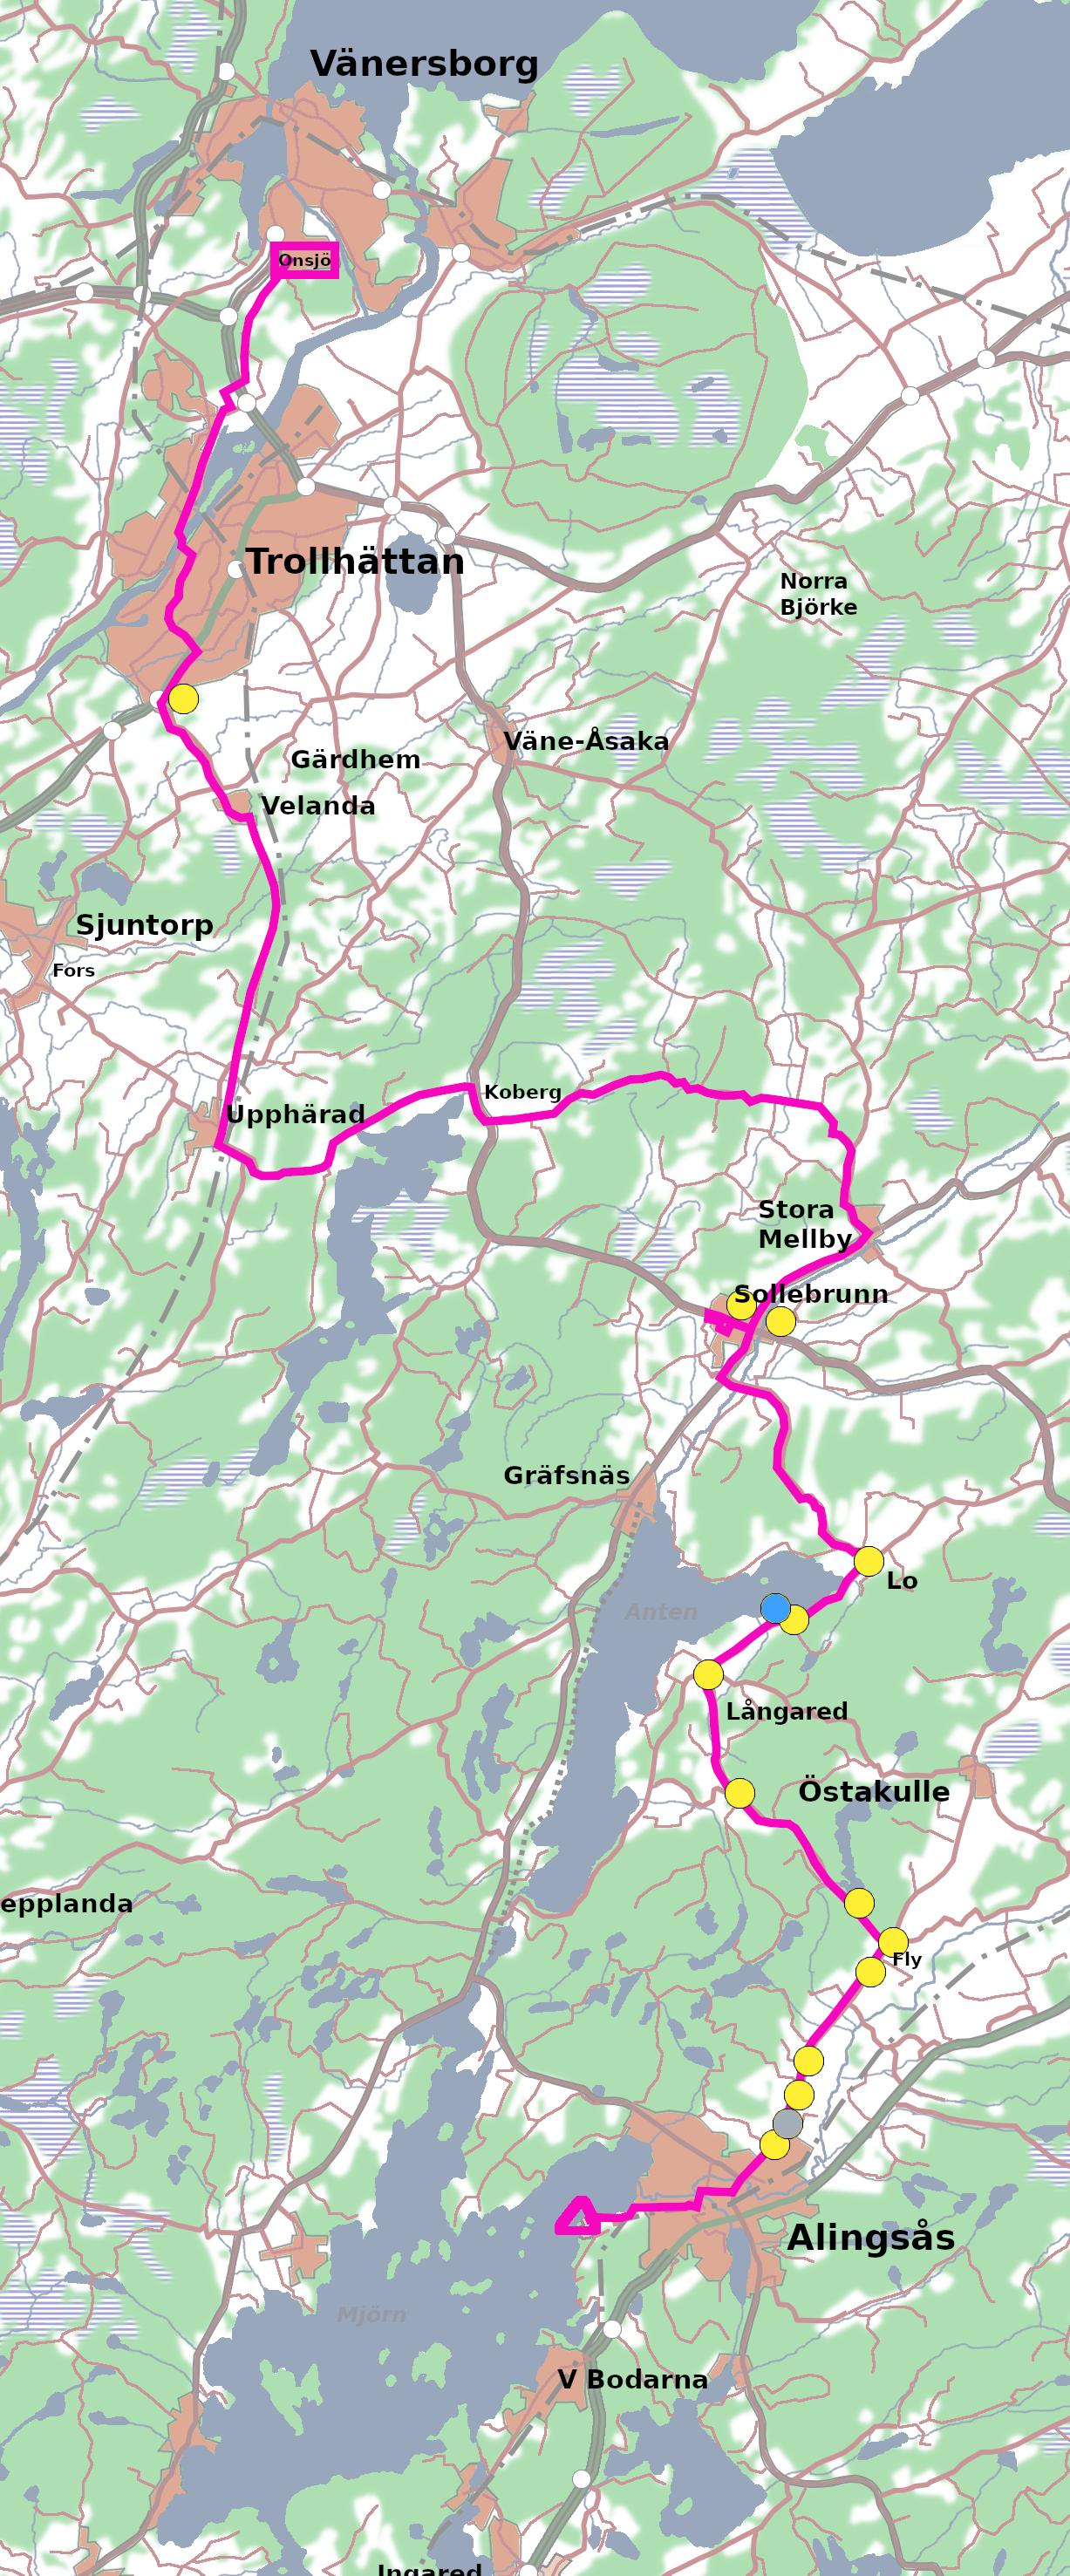 [Bild: Onsjö - Alingsås]